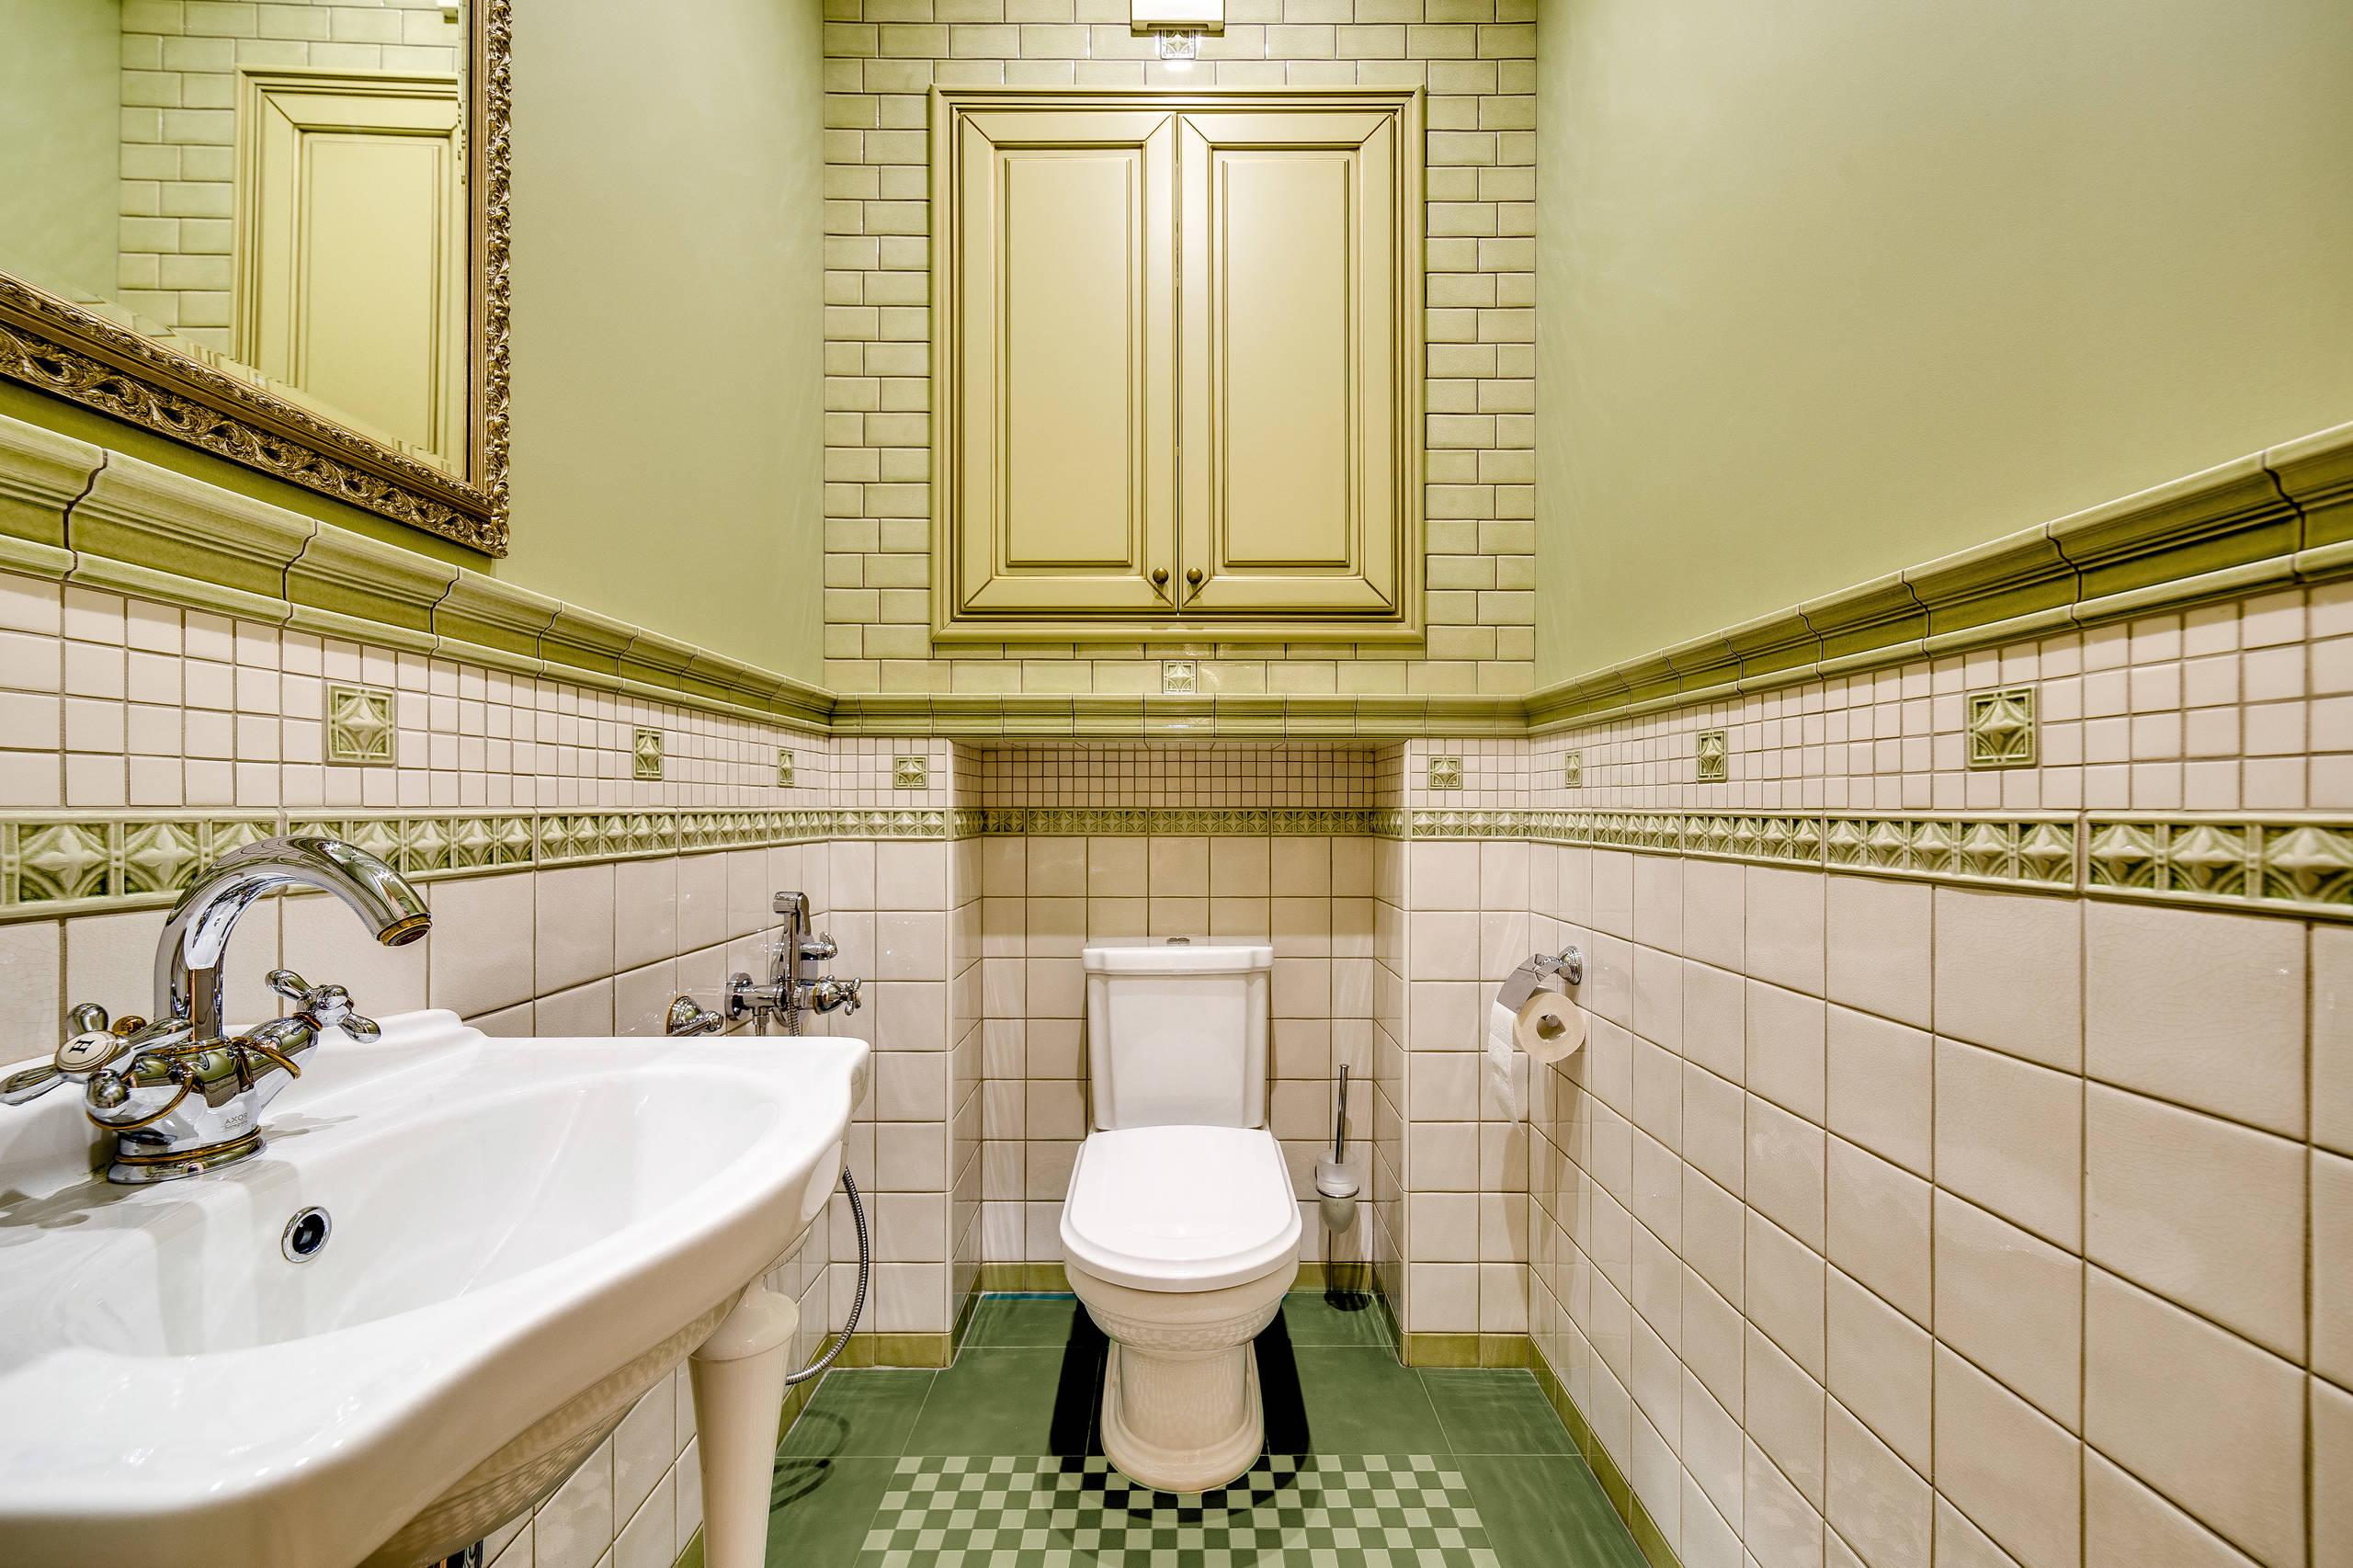 La plupart des hôtels d'Asie du Sud-Est sont équipés de douches hygiéniques dans les salles de bain.